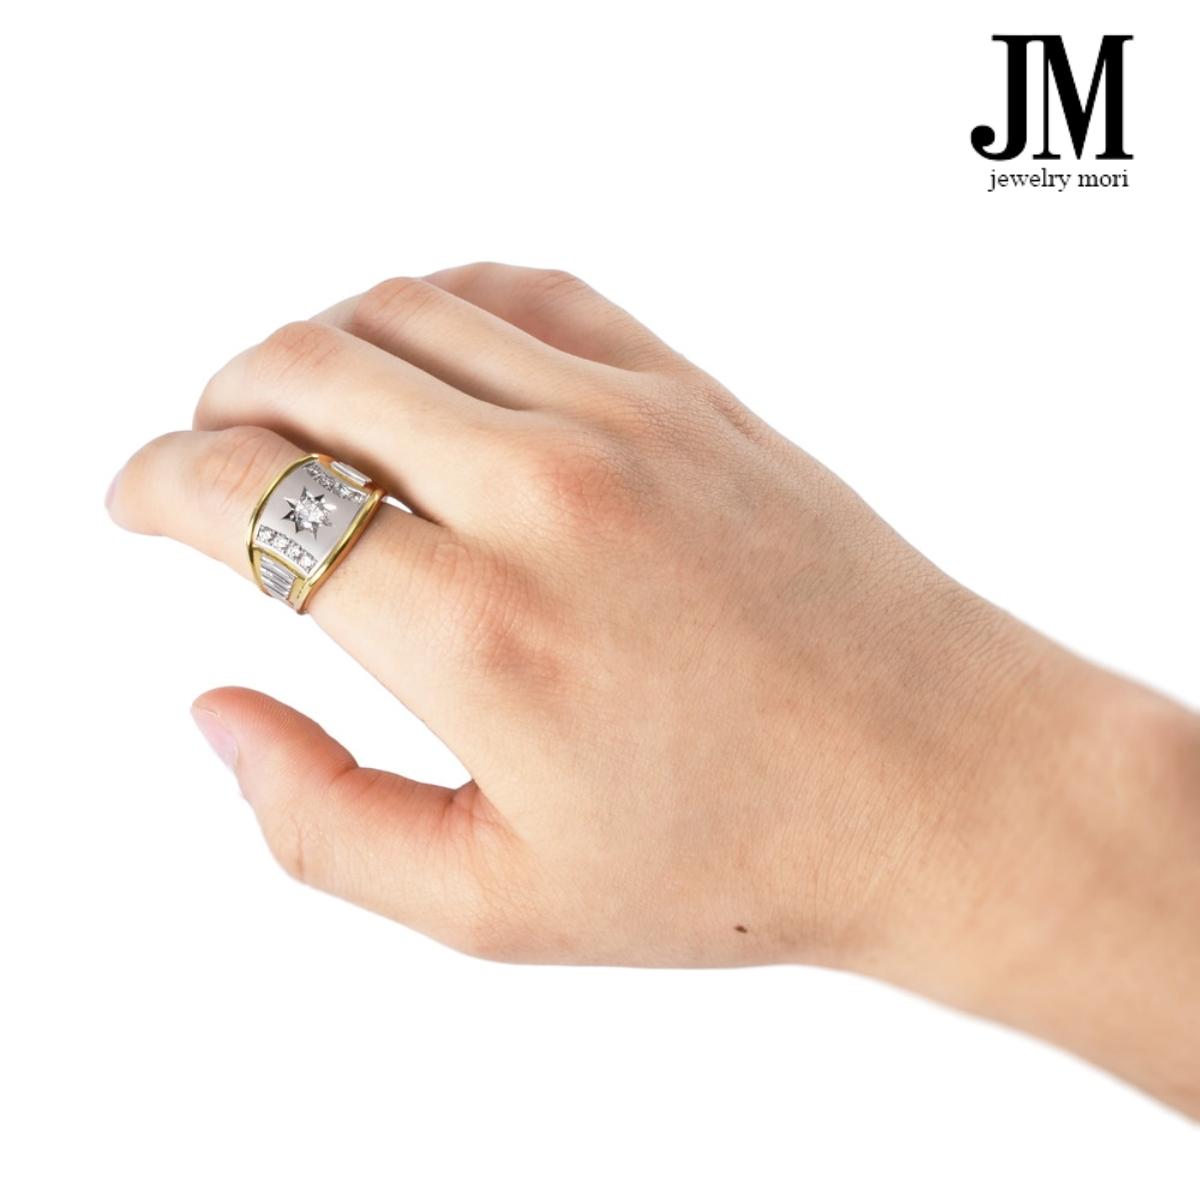 プラチナ900 K18ゴールド ダイヤモンド リング 19.5号 0.3ct Pt900 K18 メンズ 刻印入り